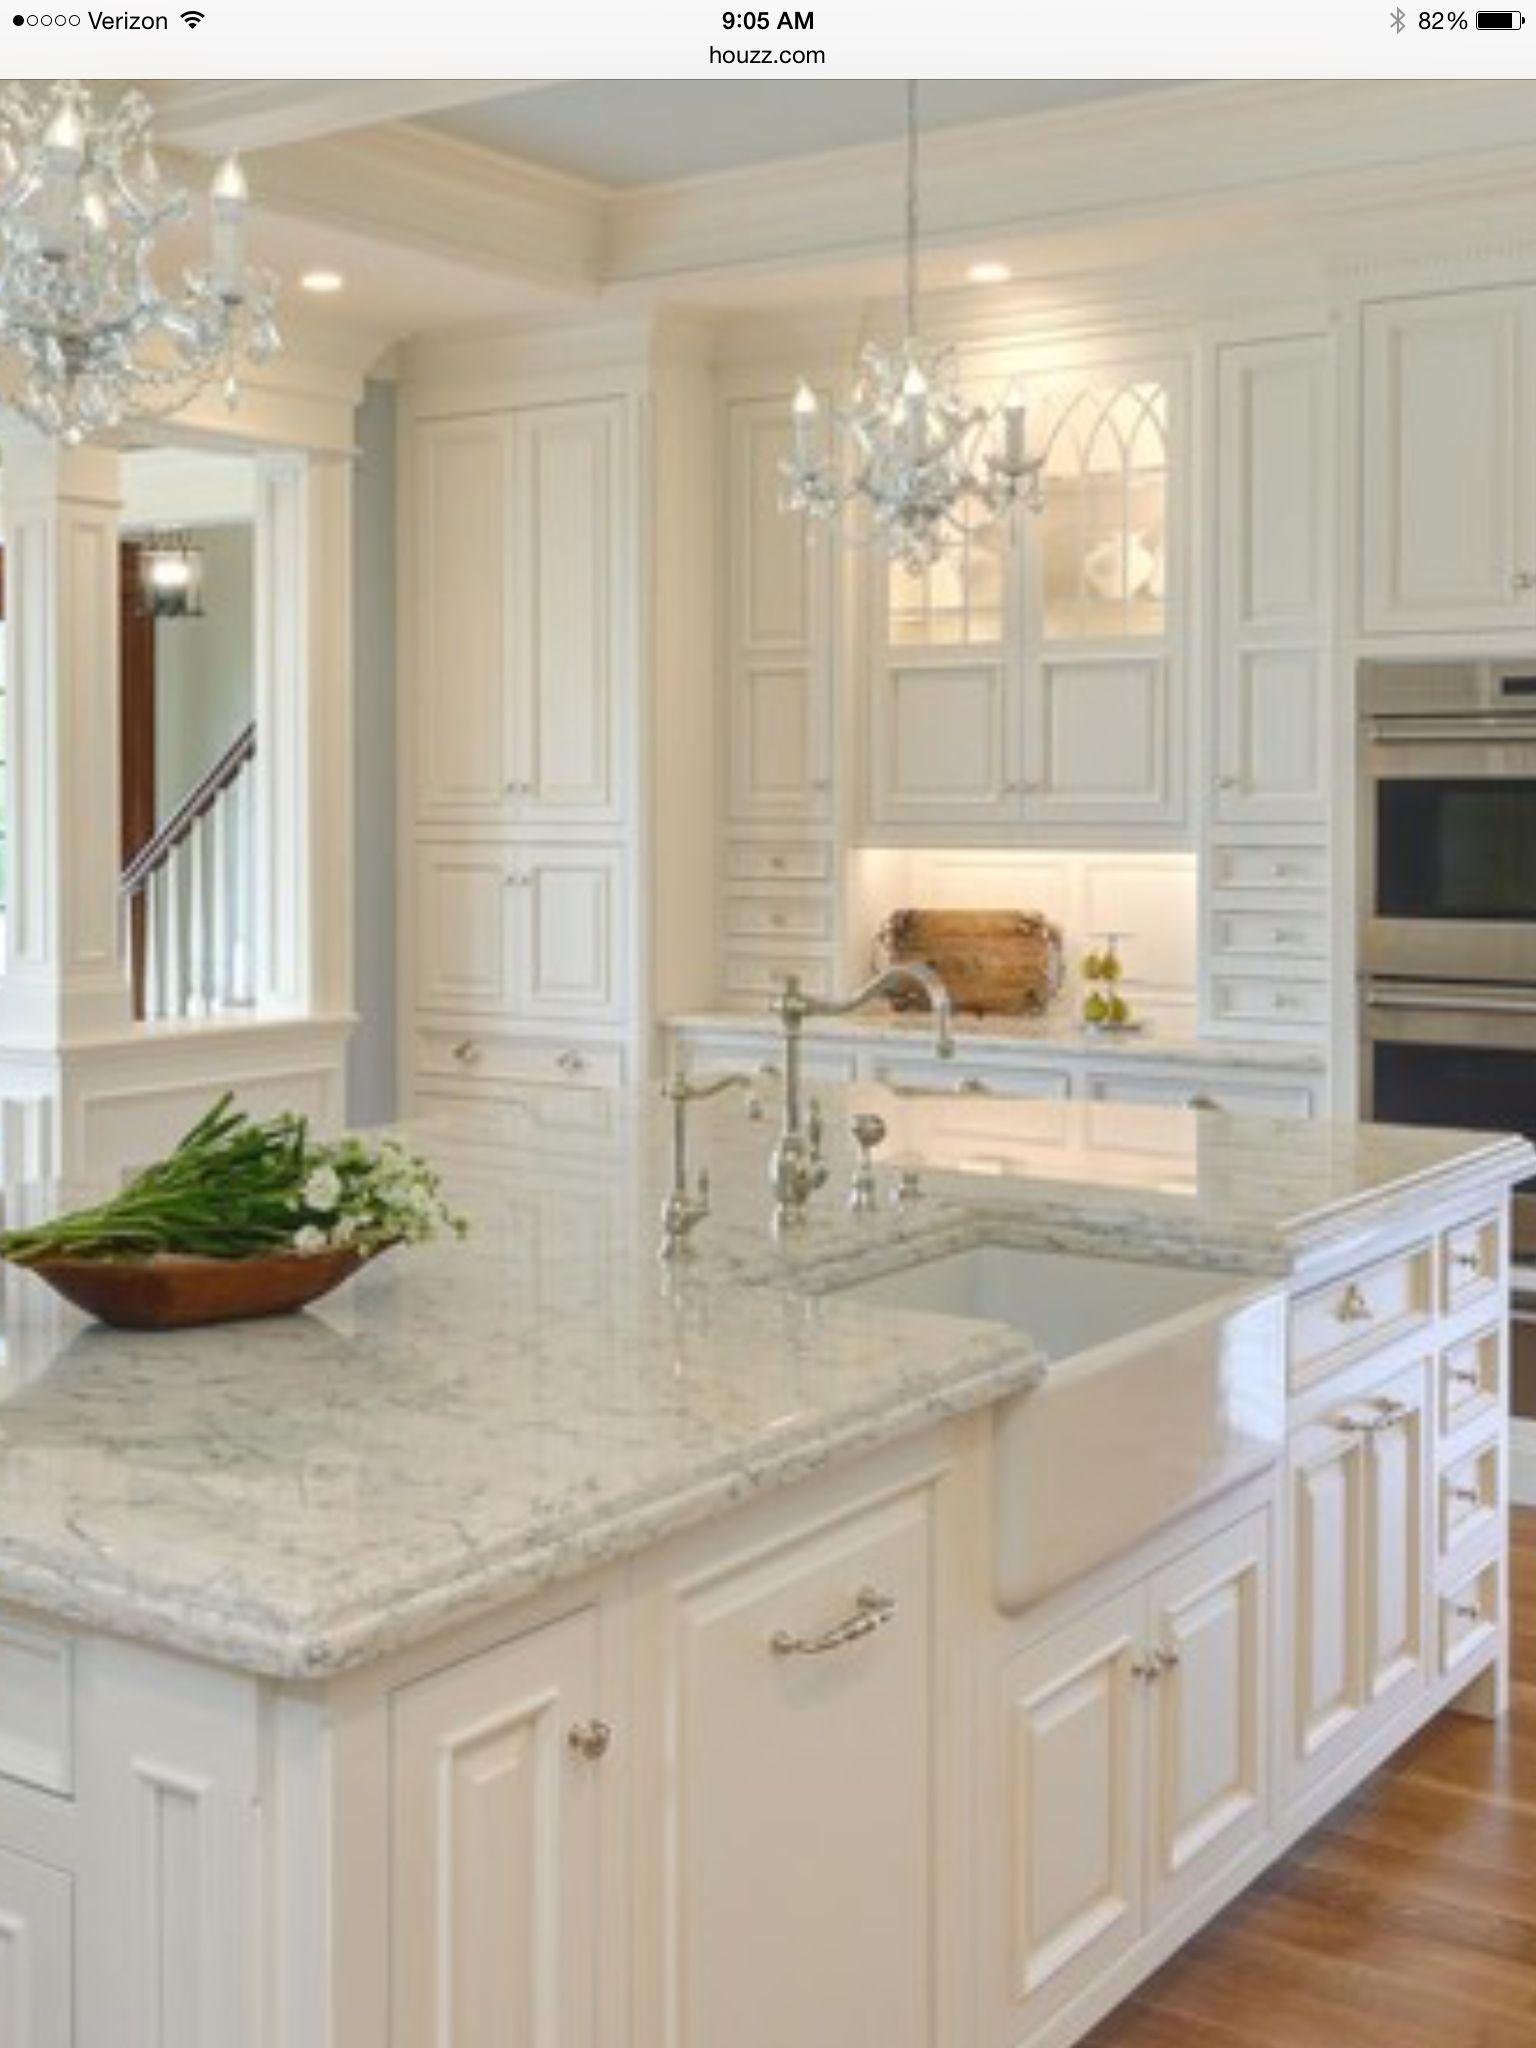 Luxury White Kitchen Mobelde Com Kitchen Luxury Mobeldecom White In 2020 Antique White Kitchen Antique White Kitchen Cabinets White Kitchen Design